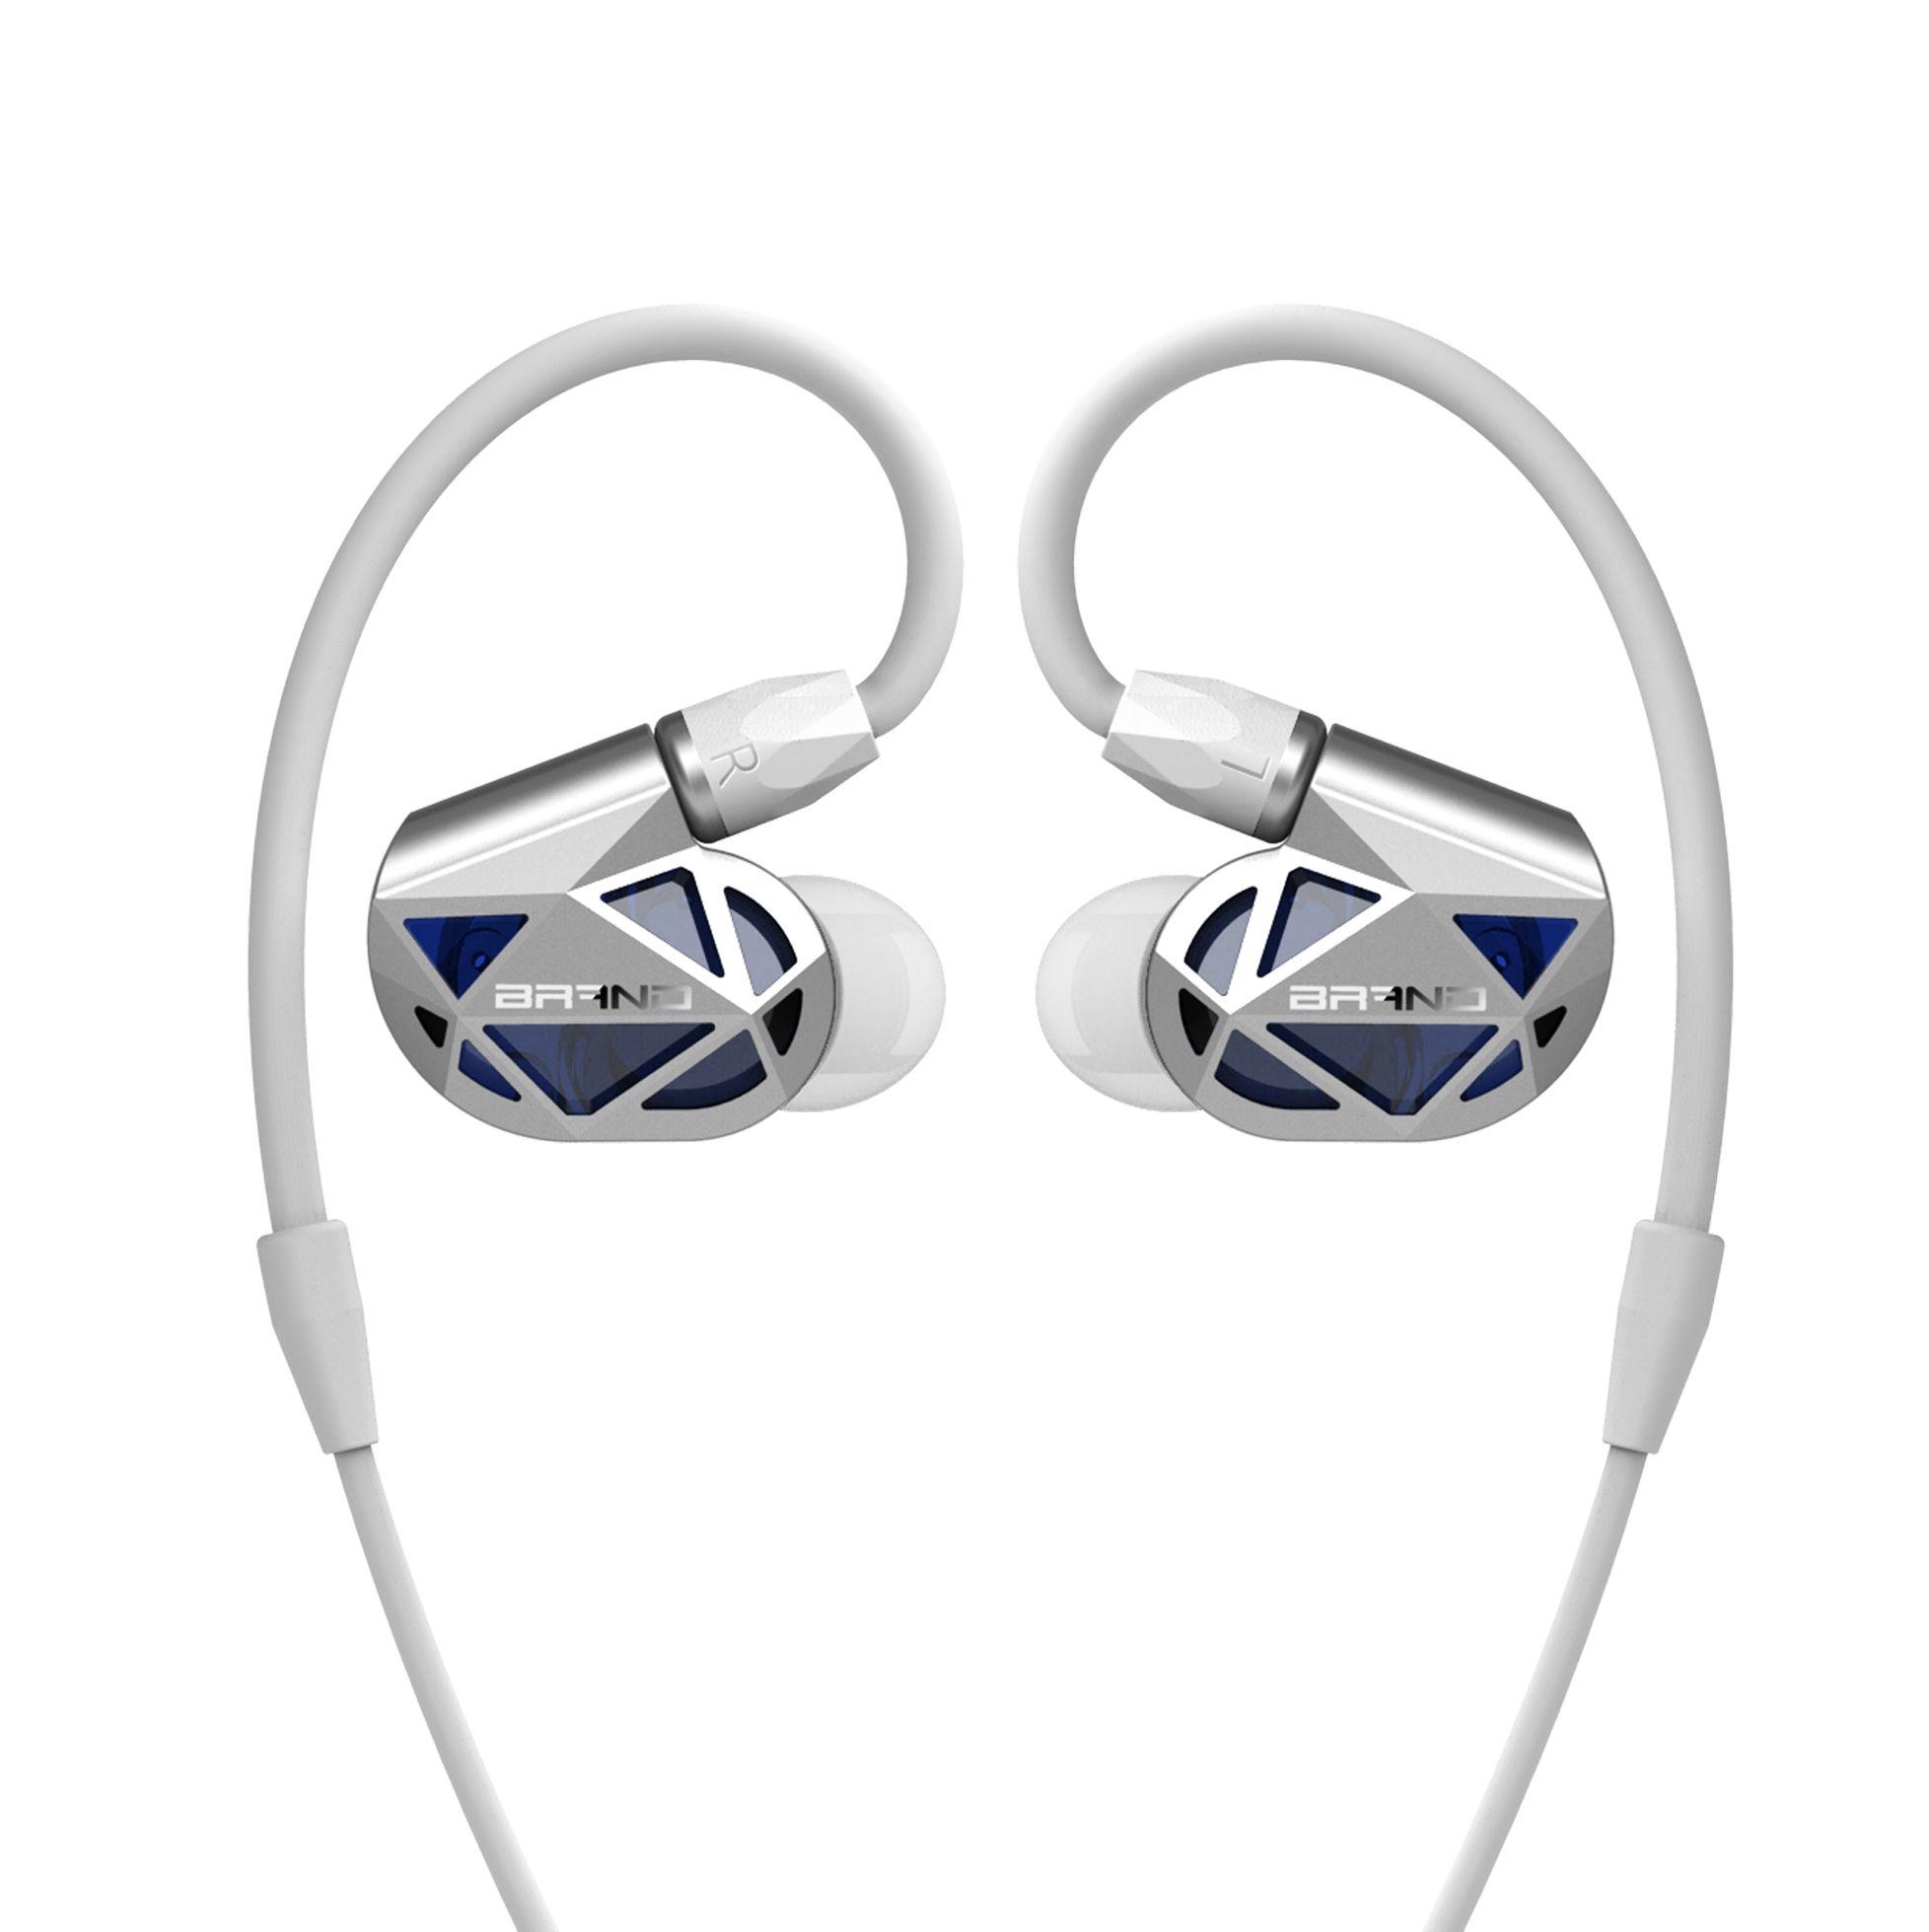 入耳式蓝牙耳机